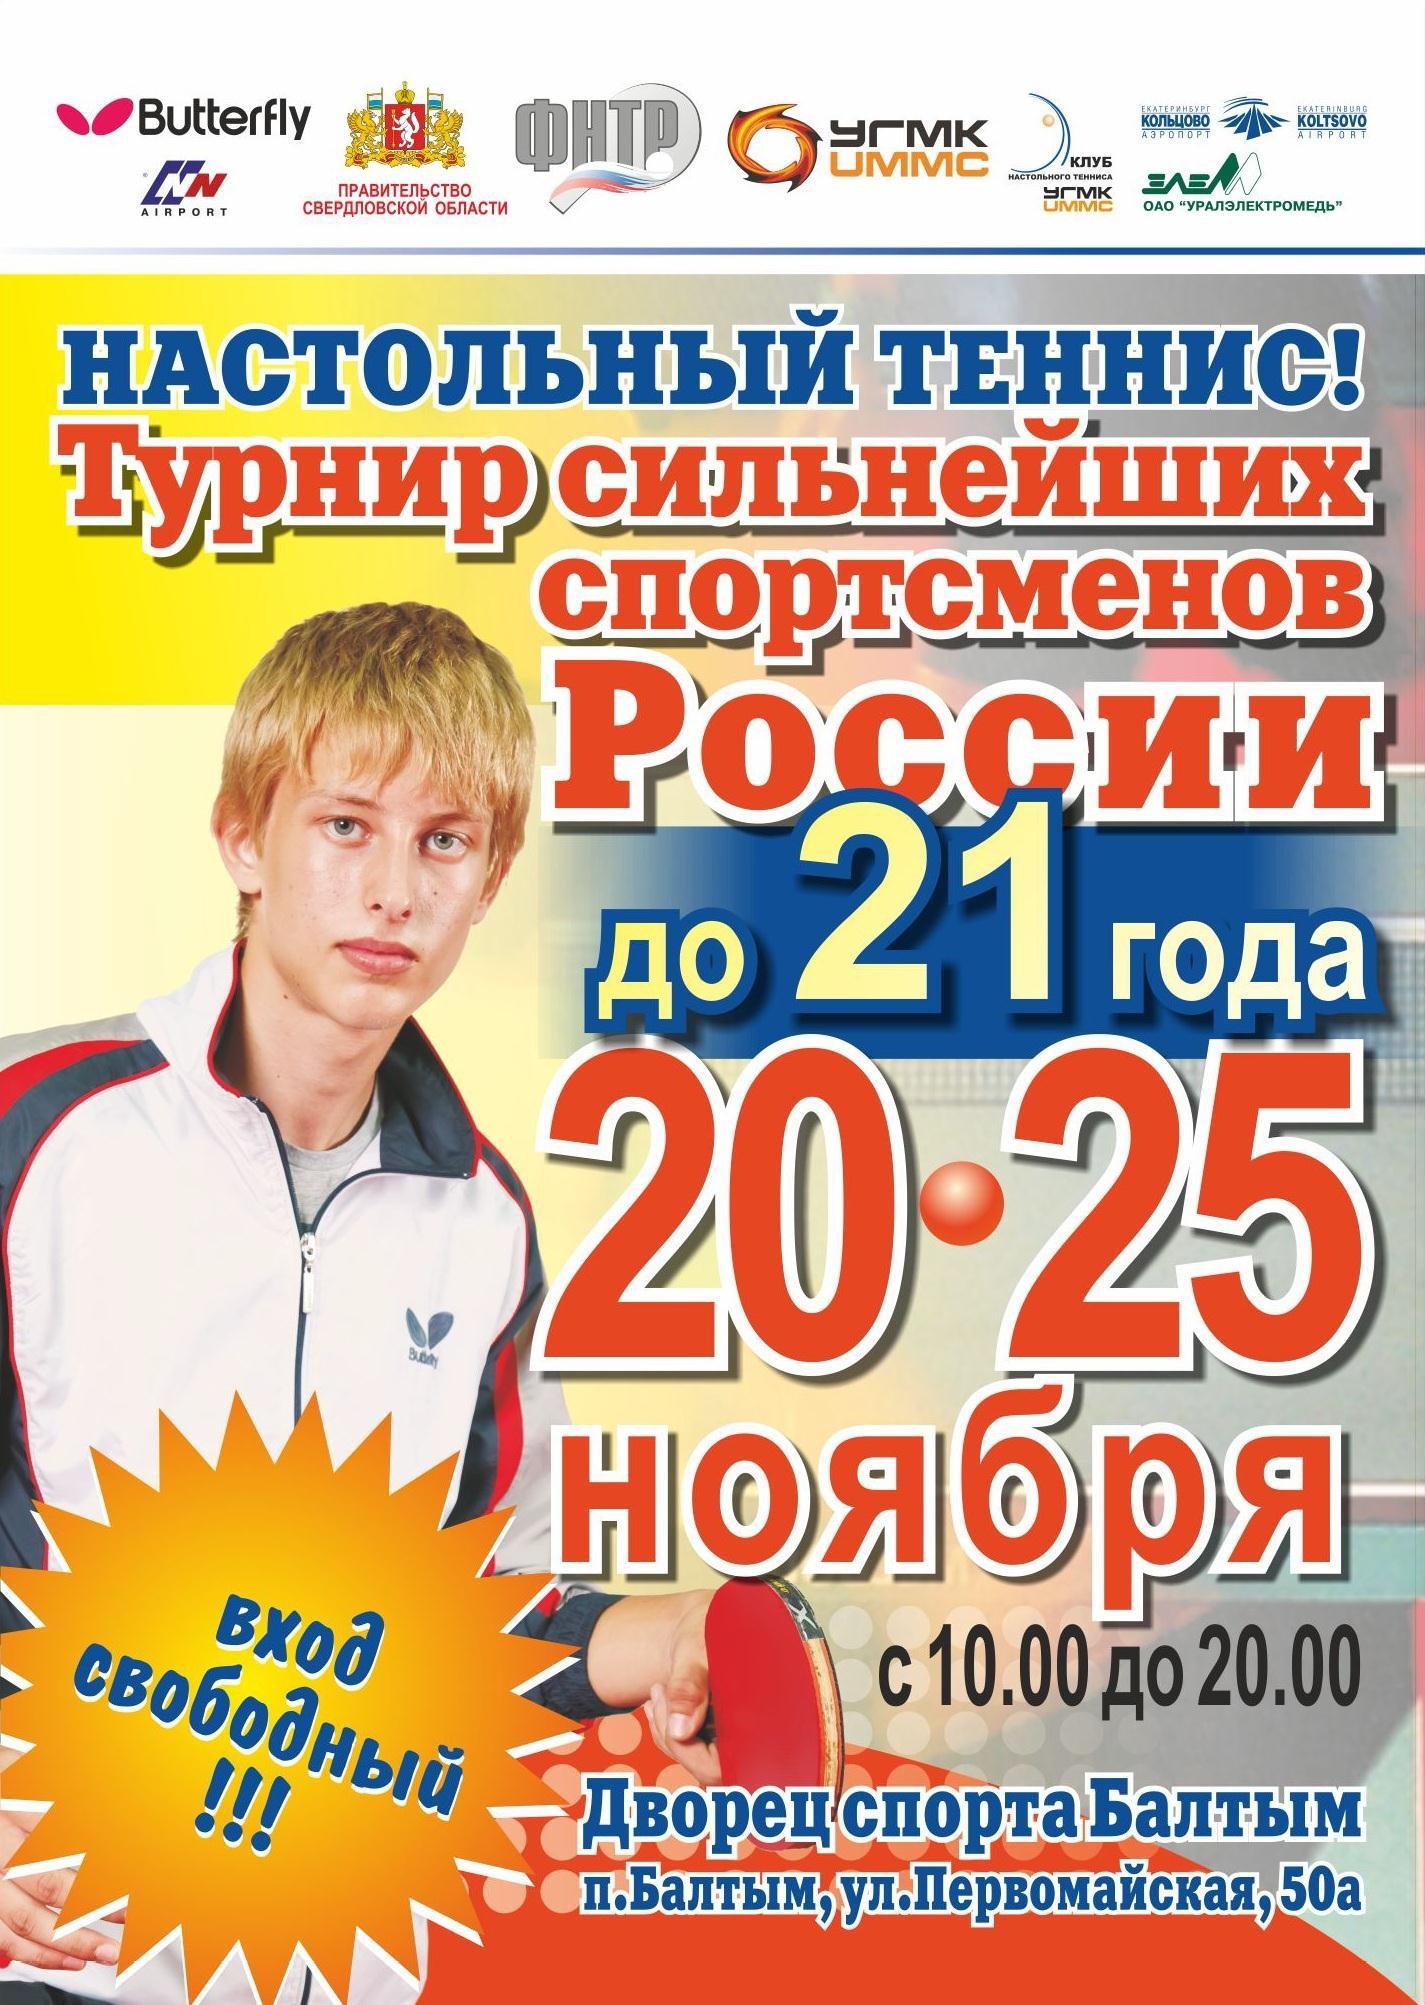 Плакат турнира сильнейших спортсменов России 2012